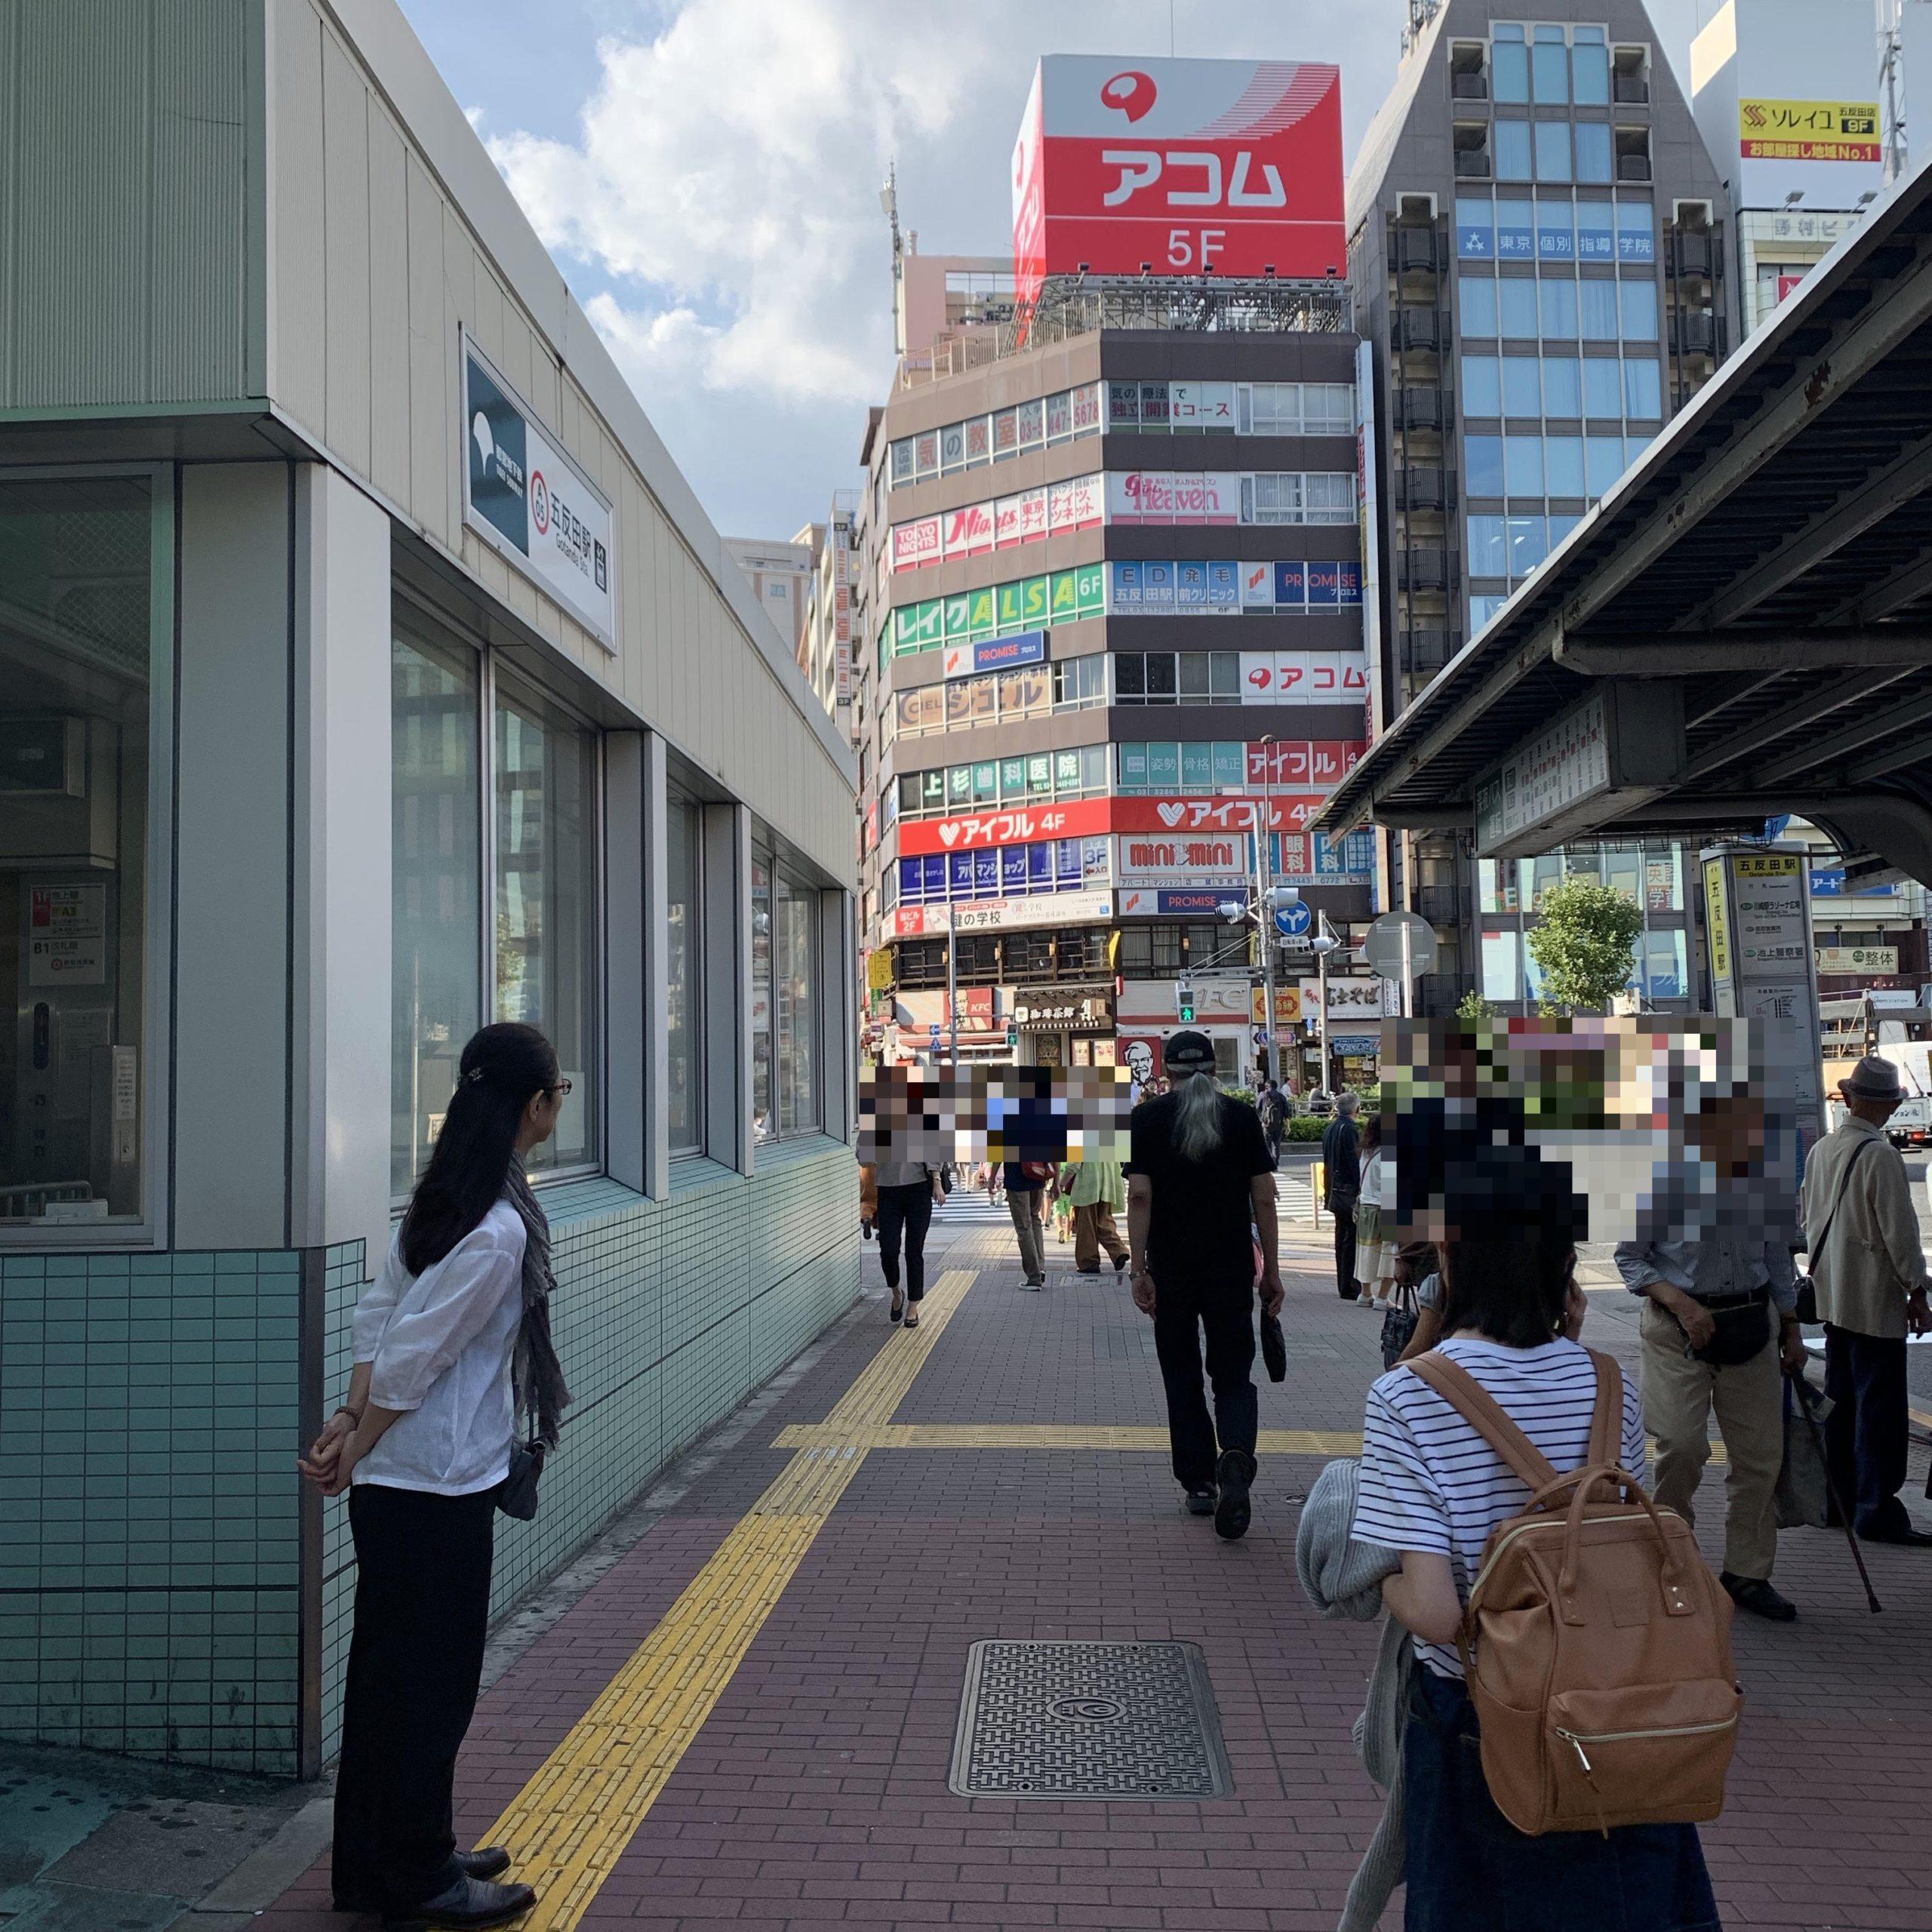 3.出口を出て左に曲がると、右手にポストやバス停がございます。正面に見えるアコムの大きい看板があるビルに向かって歩きます。